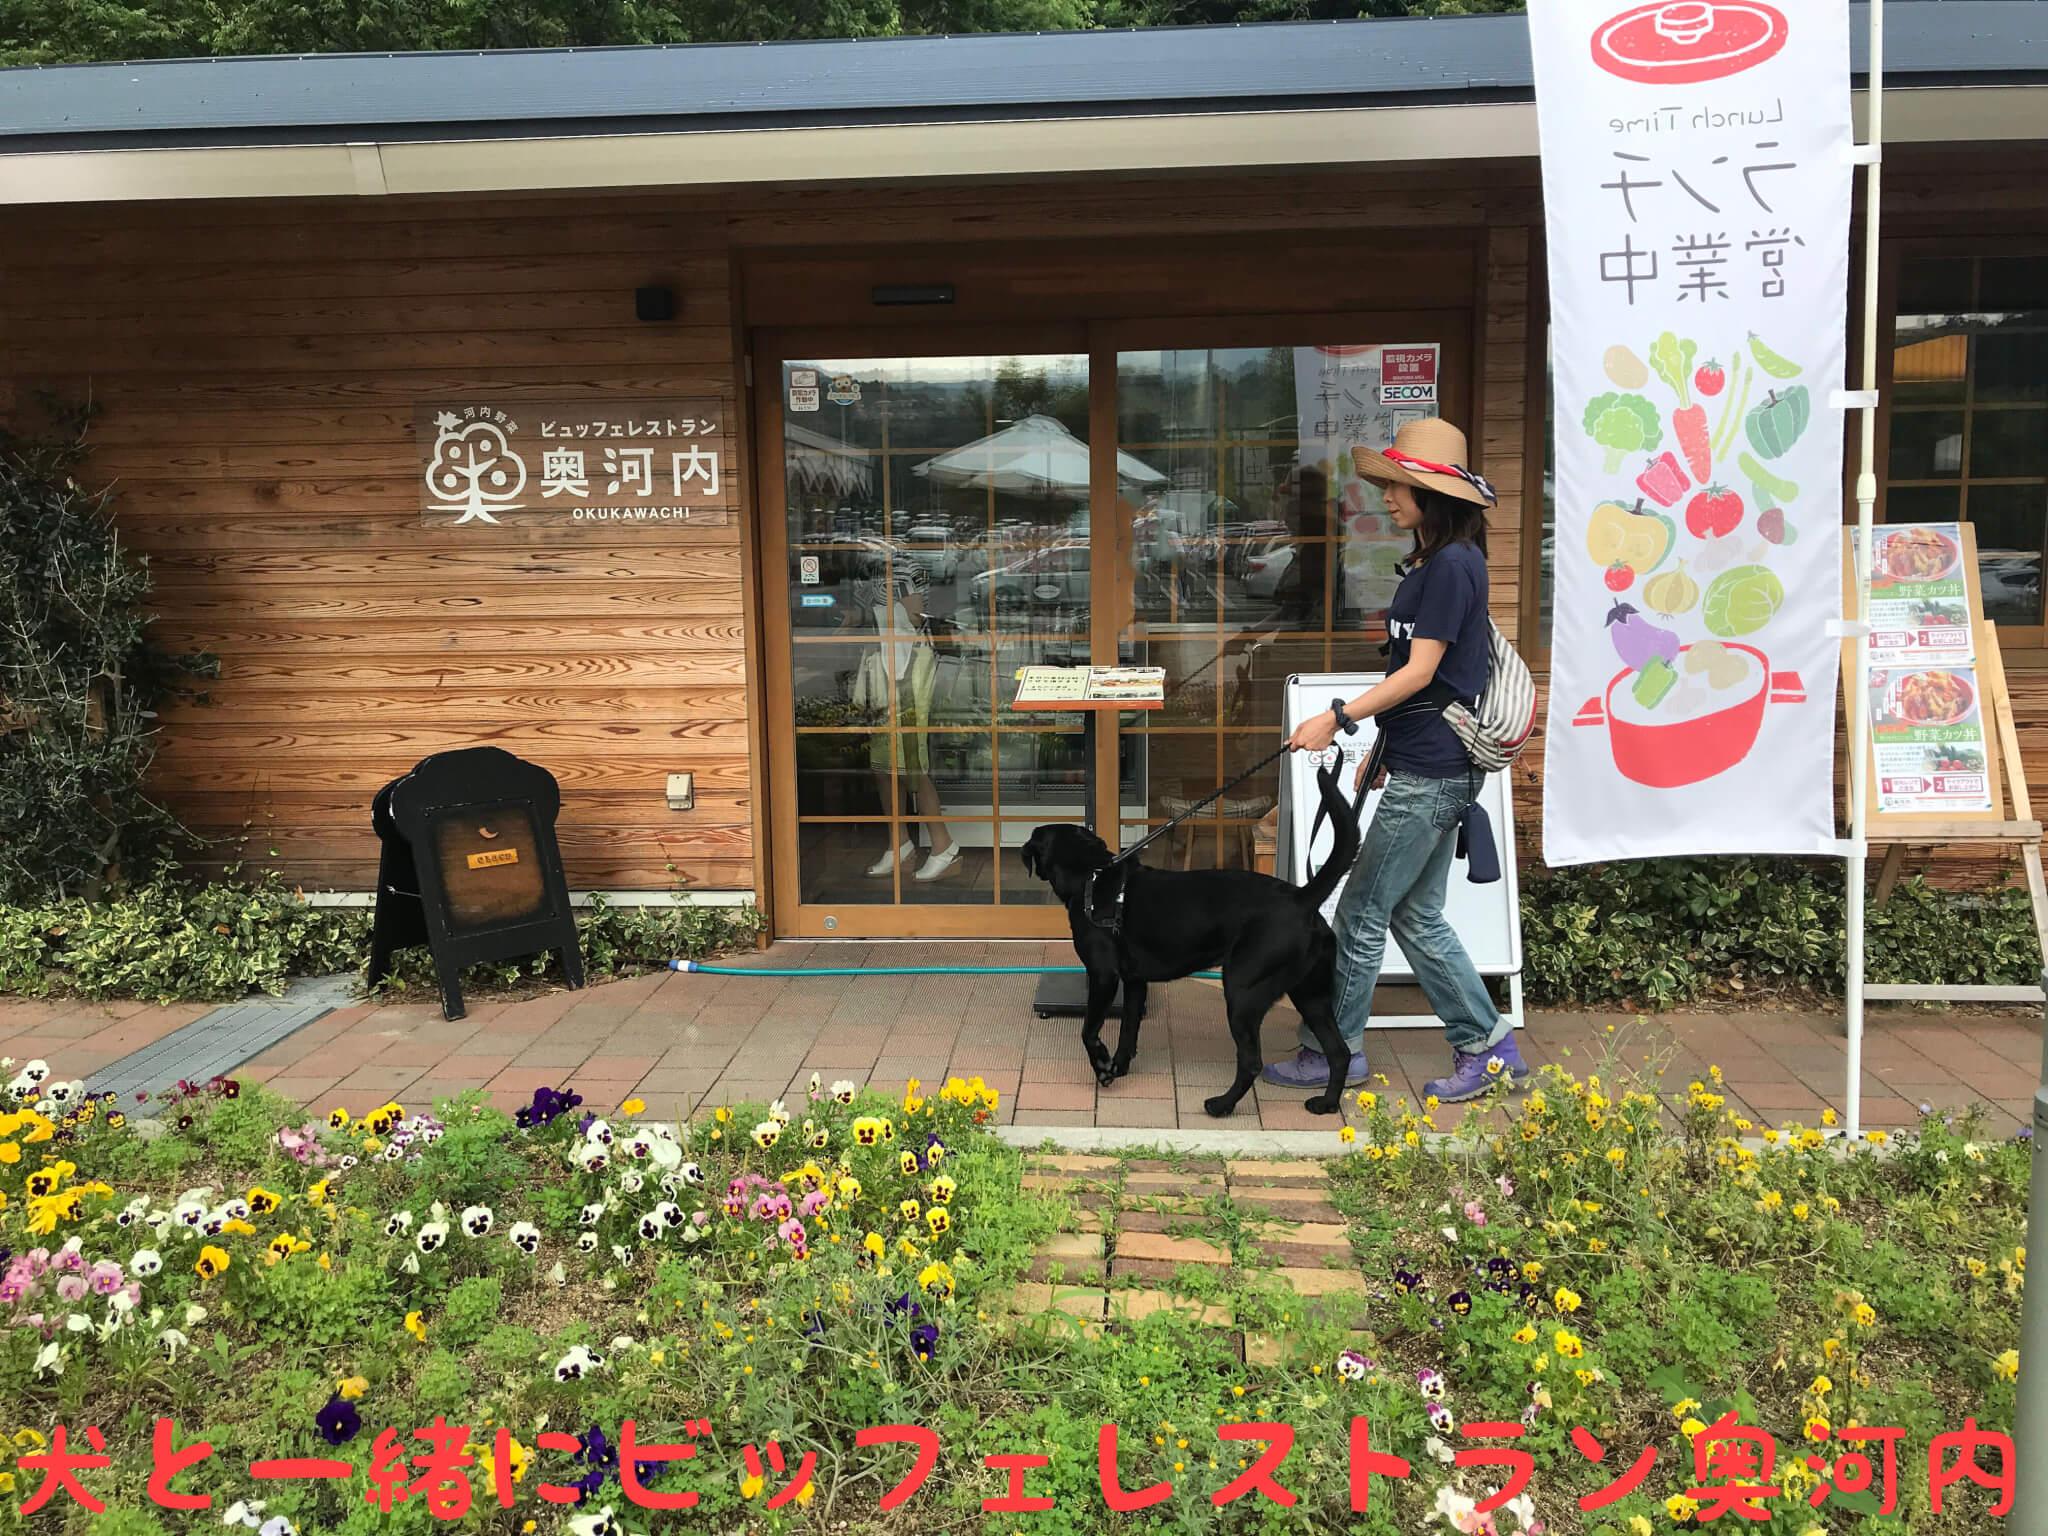 ビッフェレストラン奥河内 犬と一緒にビッフェレストラン奥河内 ラブラドールレトリバー